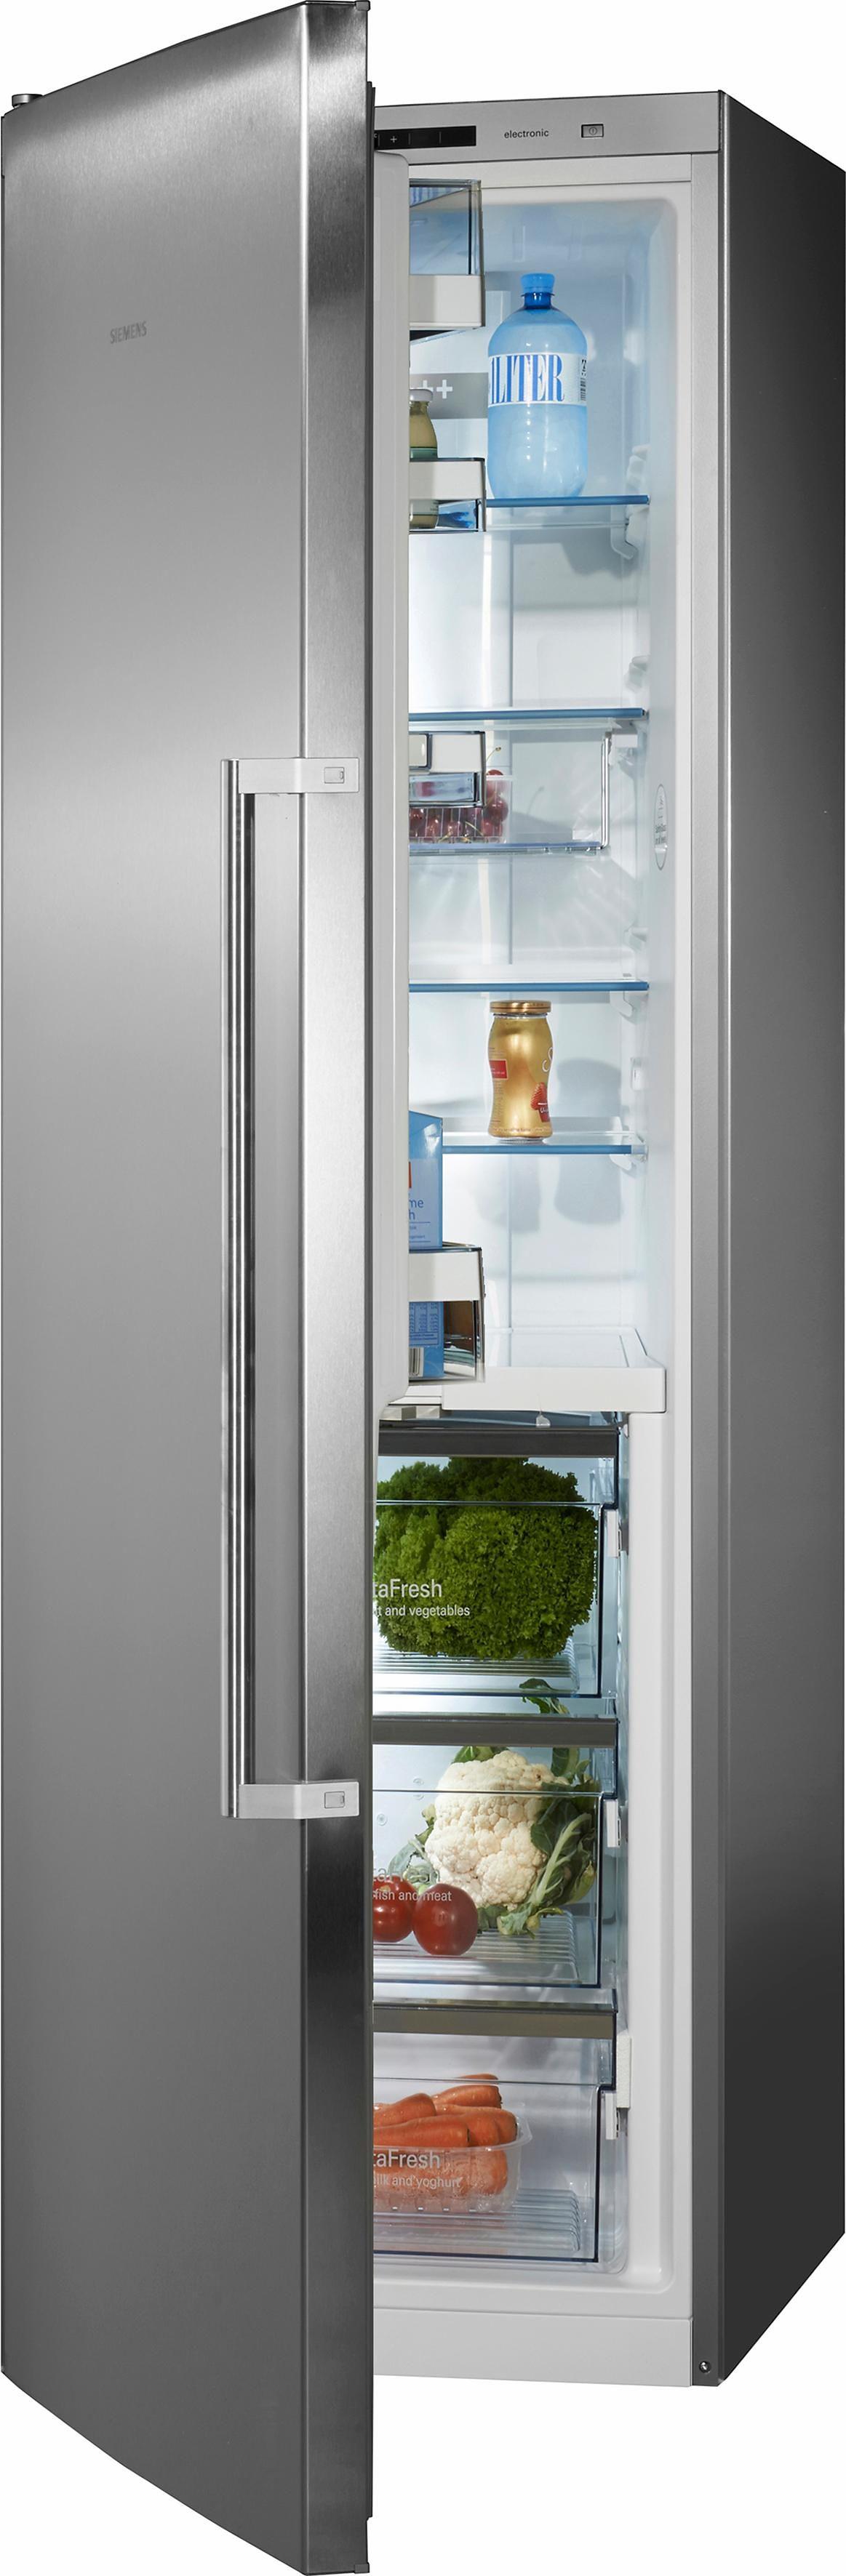 Siemens Kühlschrank iQ700 KS36FPI40, A+++, 186 cm hoch